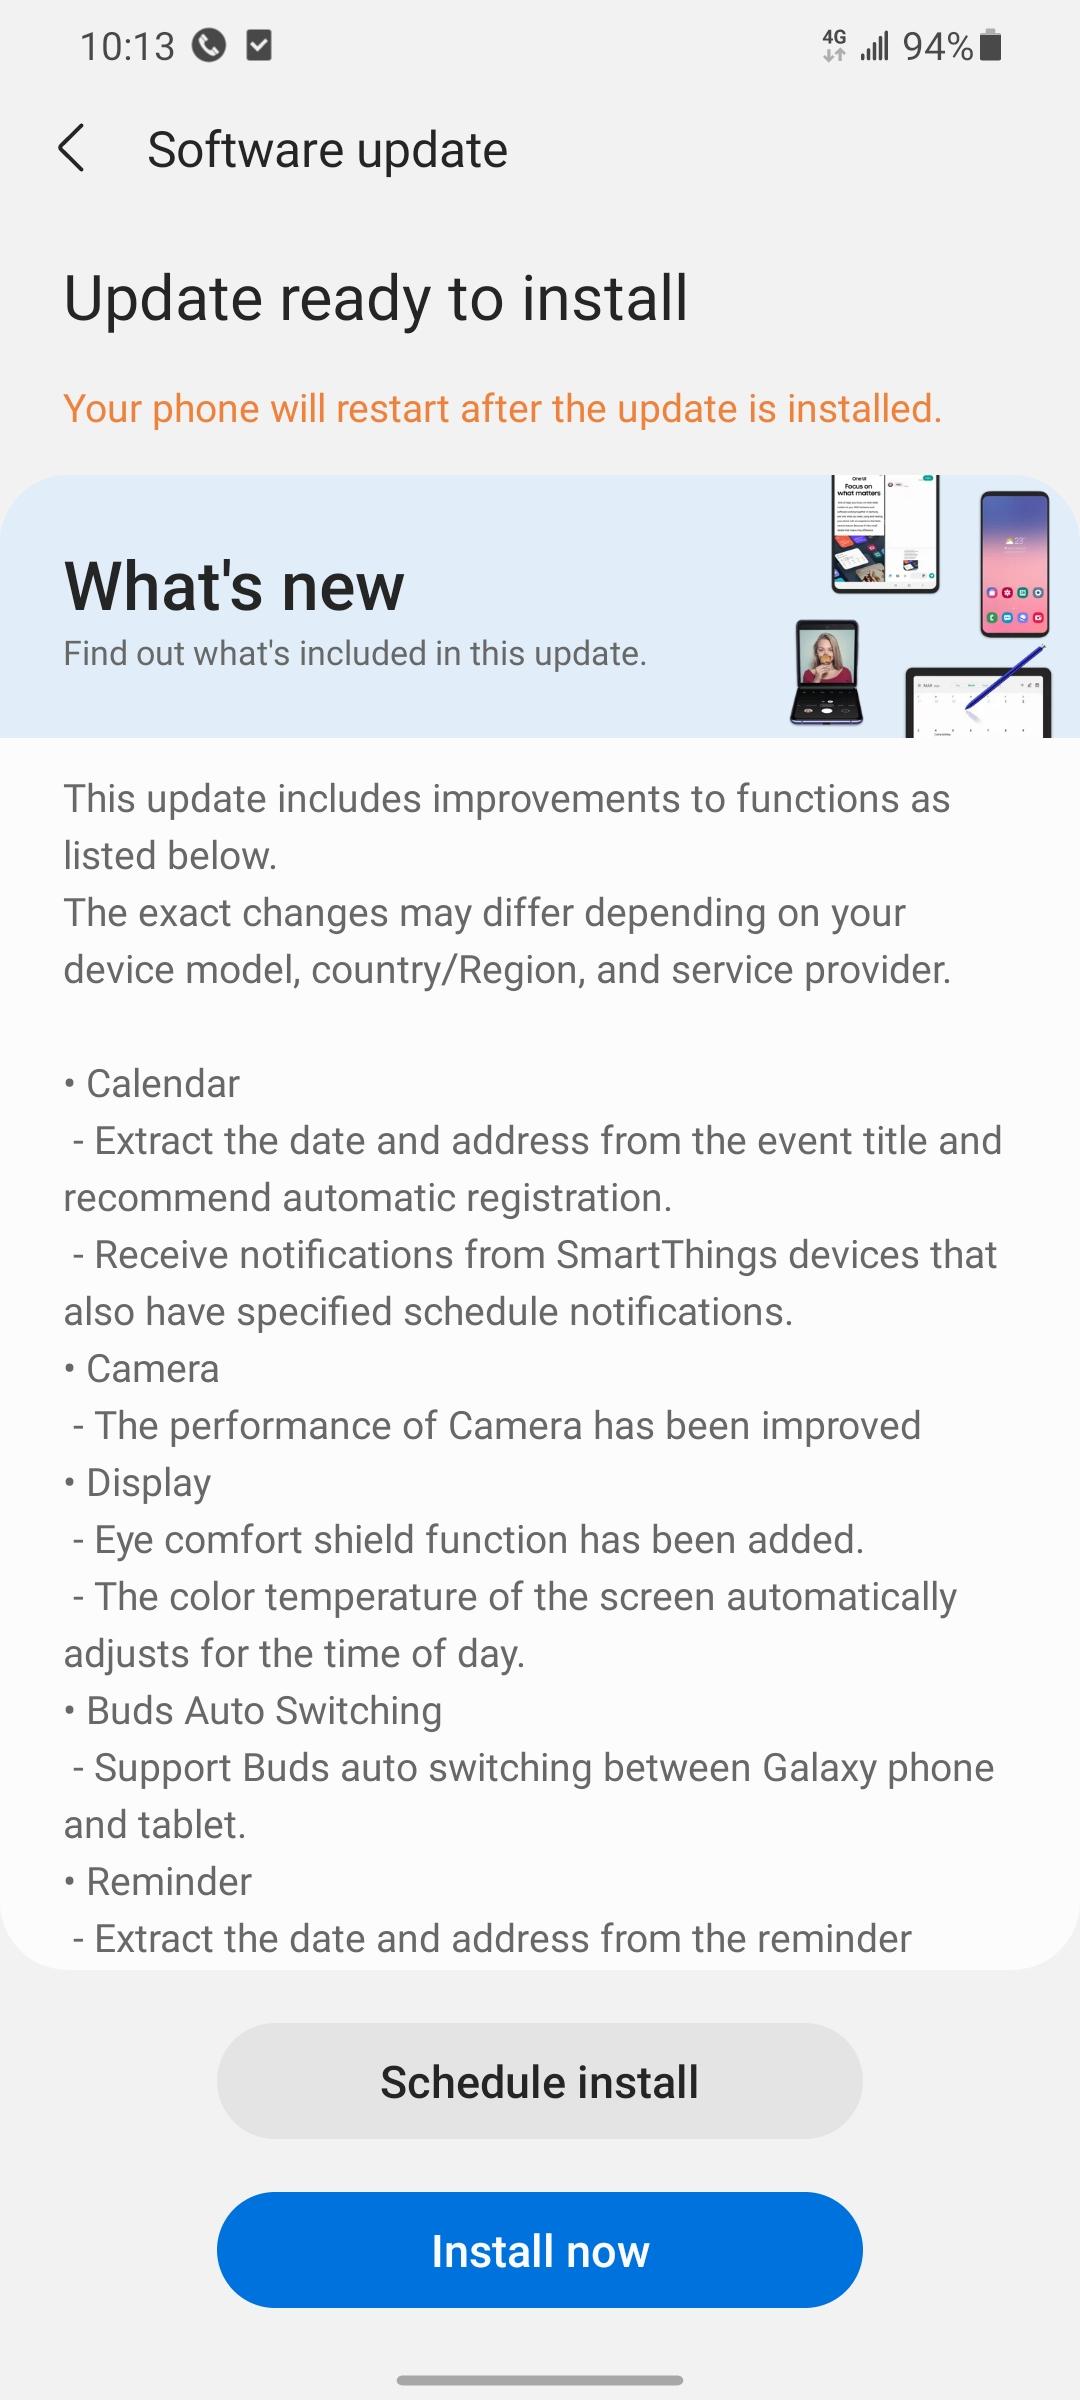 Screenshot_20210226-101354_Software update.jpg